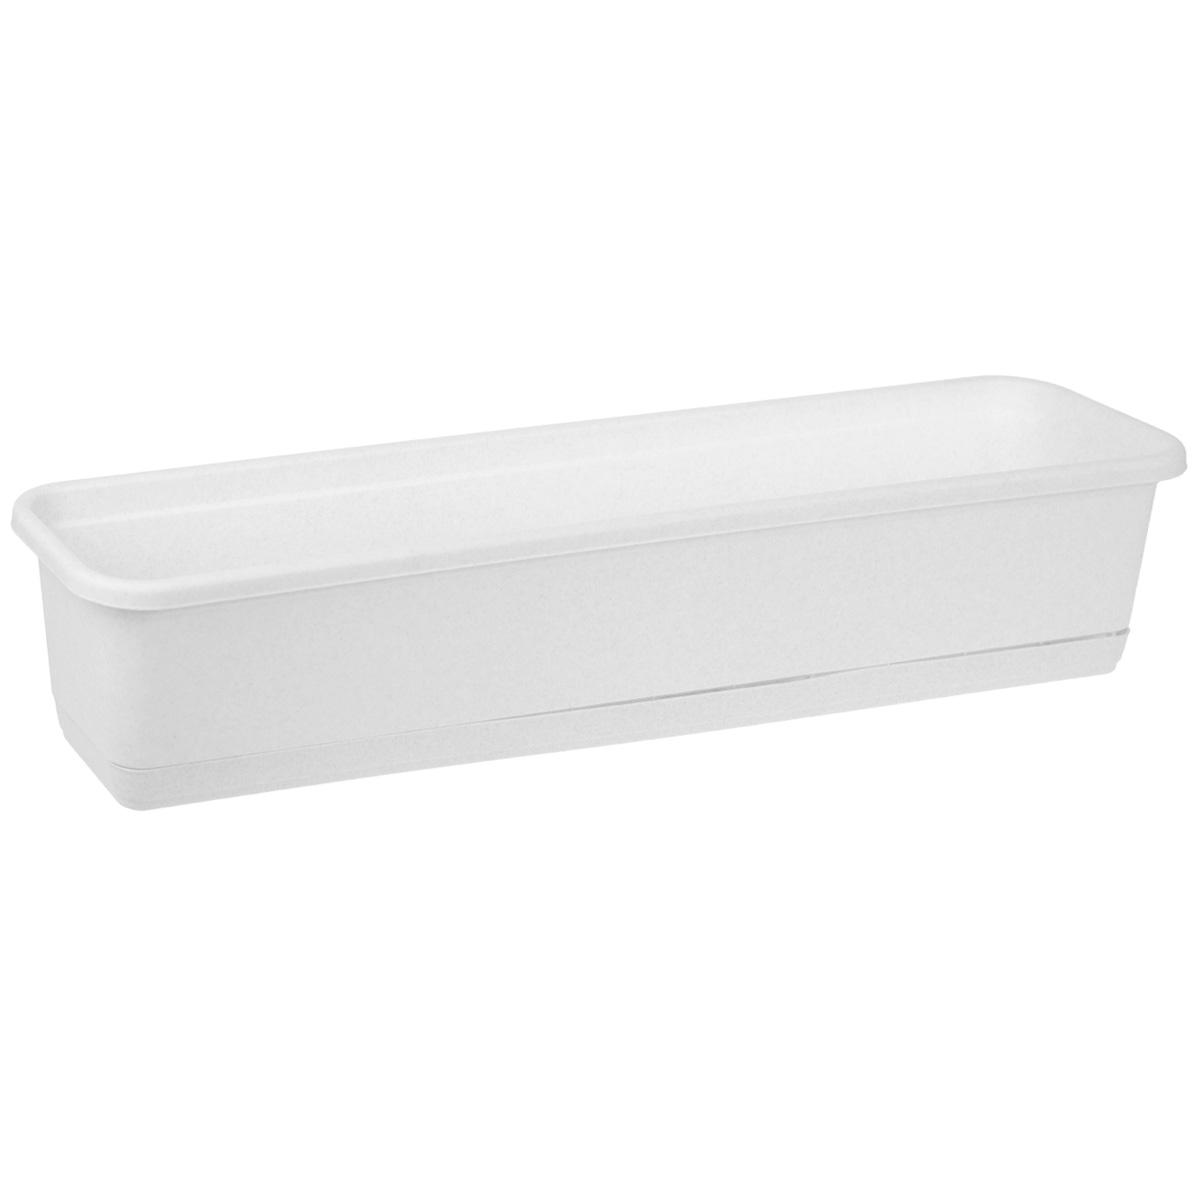 Балконный ящик Idea, цвет: мраморный, 80 см х 18 смGPR10-04-RБалконный ящик Idea изготовлен из прочного полипропилена (пластика). Снабжен поддоном для стока воды.Изделие прекрасно подходит для выращивания рассады, растений и цветов в домашних условиях.